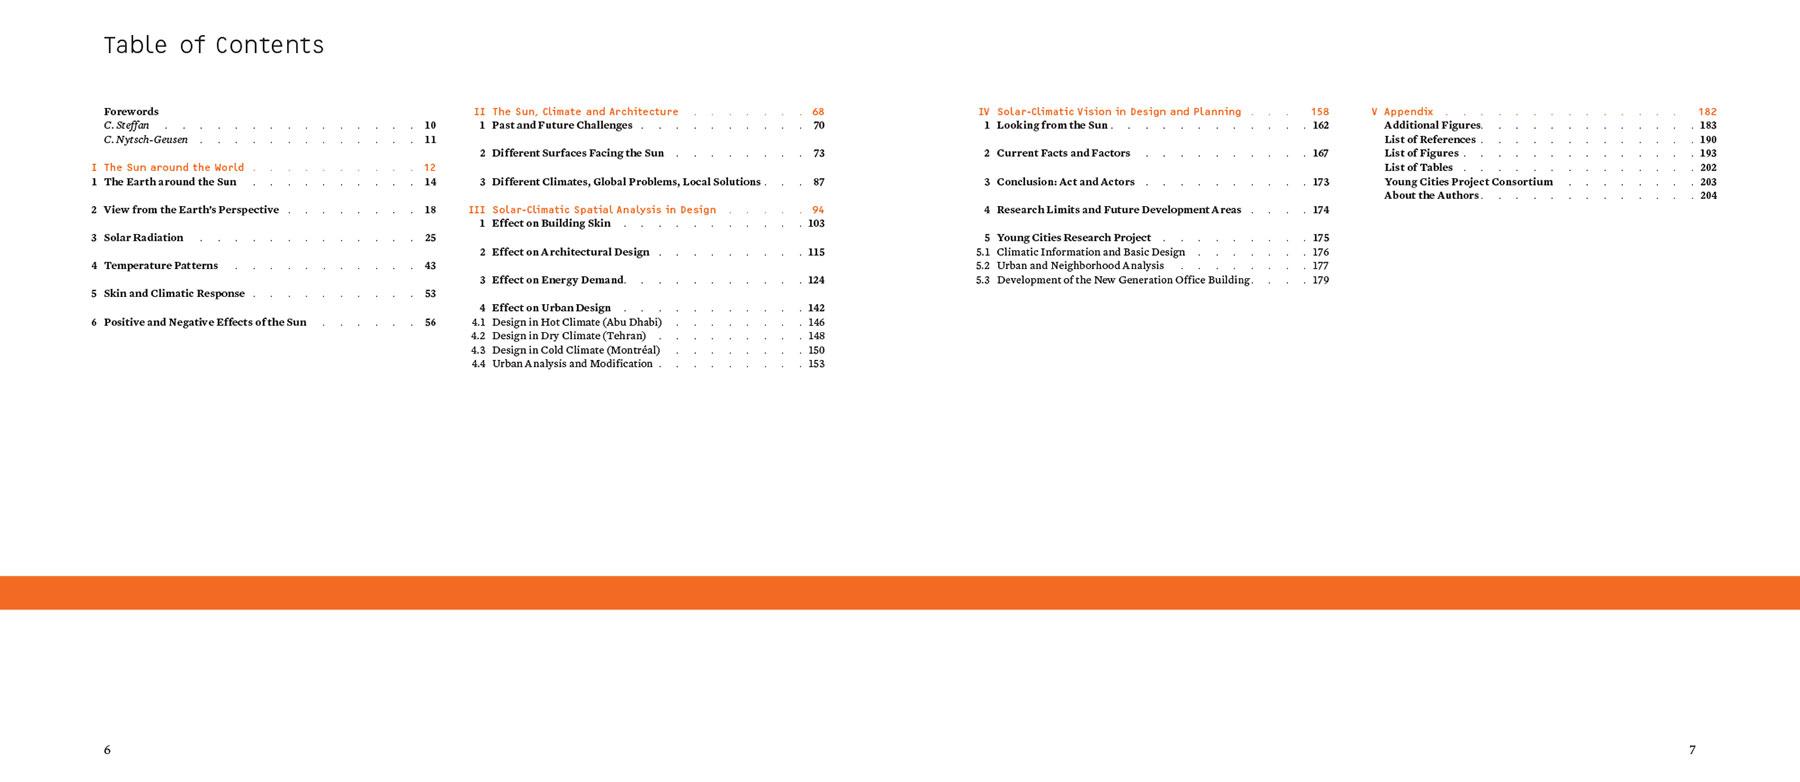 Vol09_-SolarClimaticVision-CD-Rom-v02-6.jpg